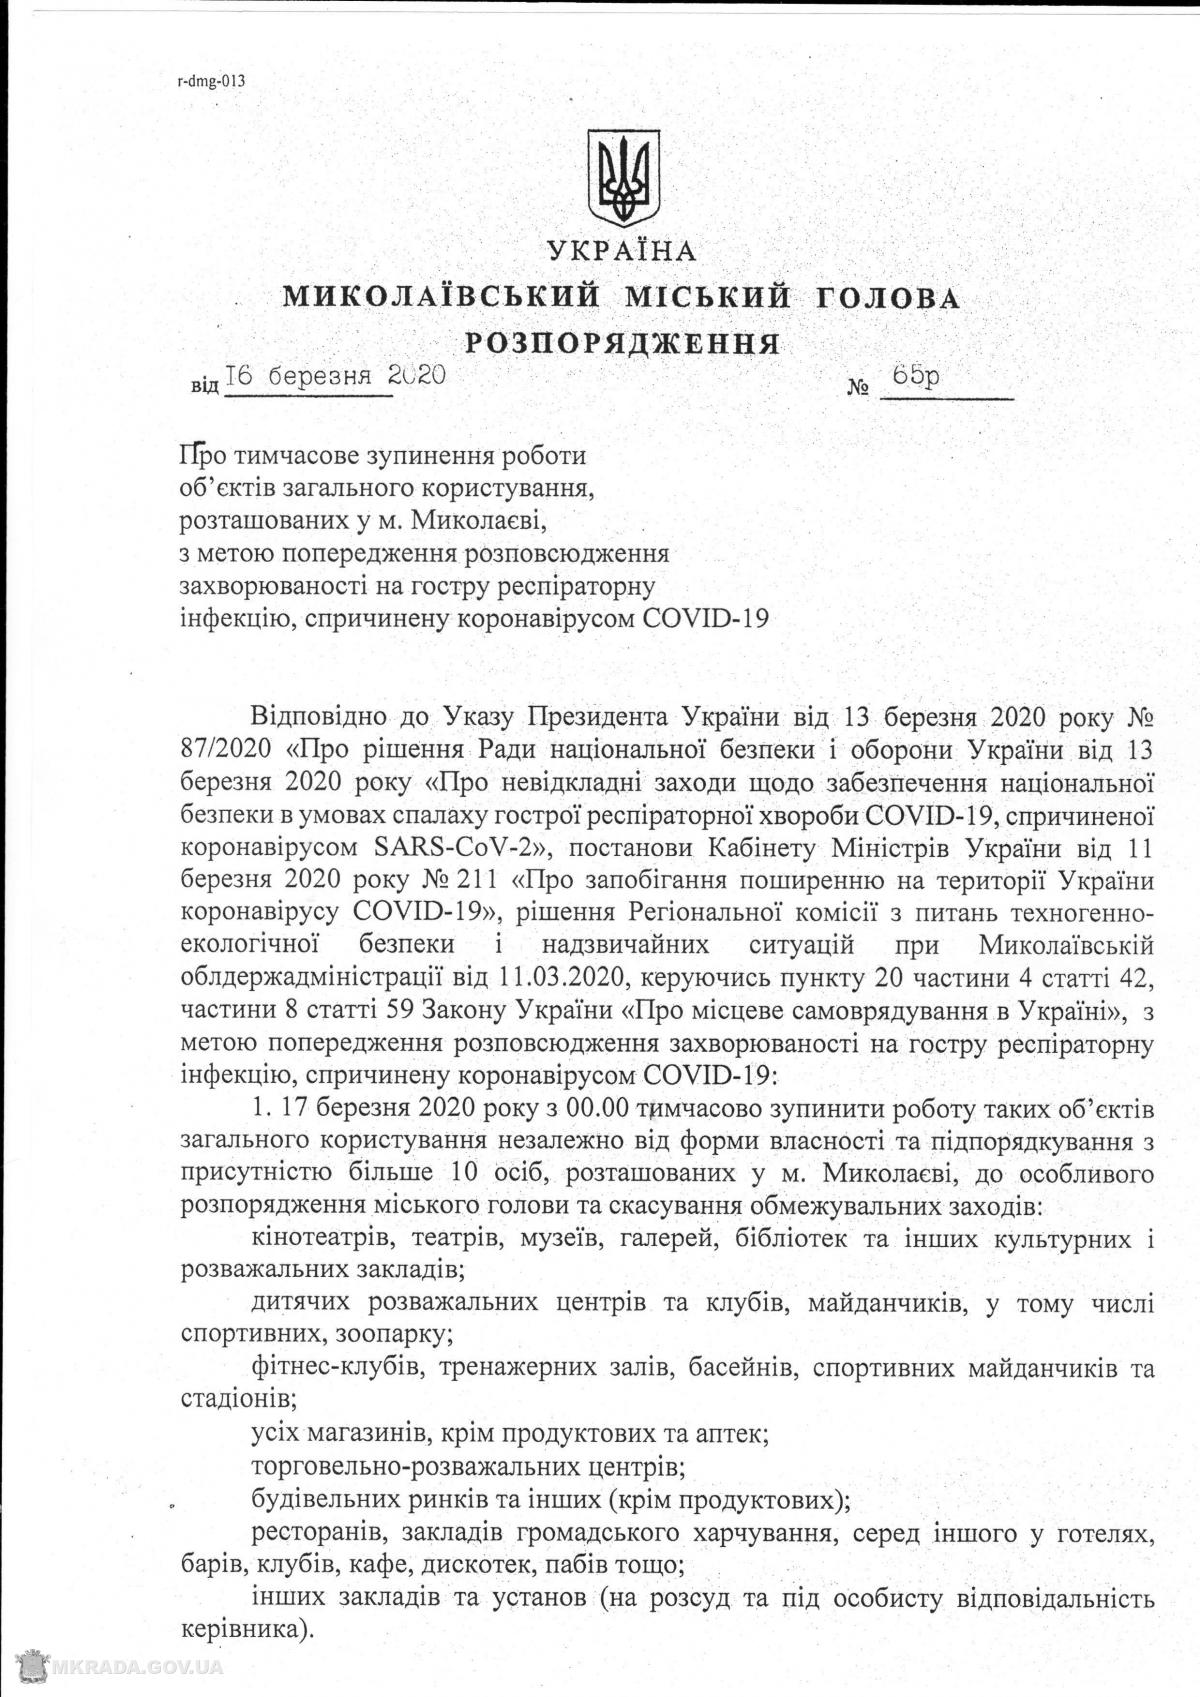 Распоряжение мэра Николаева / mkrada.gov.ua